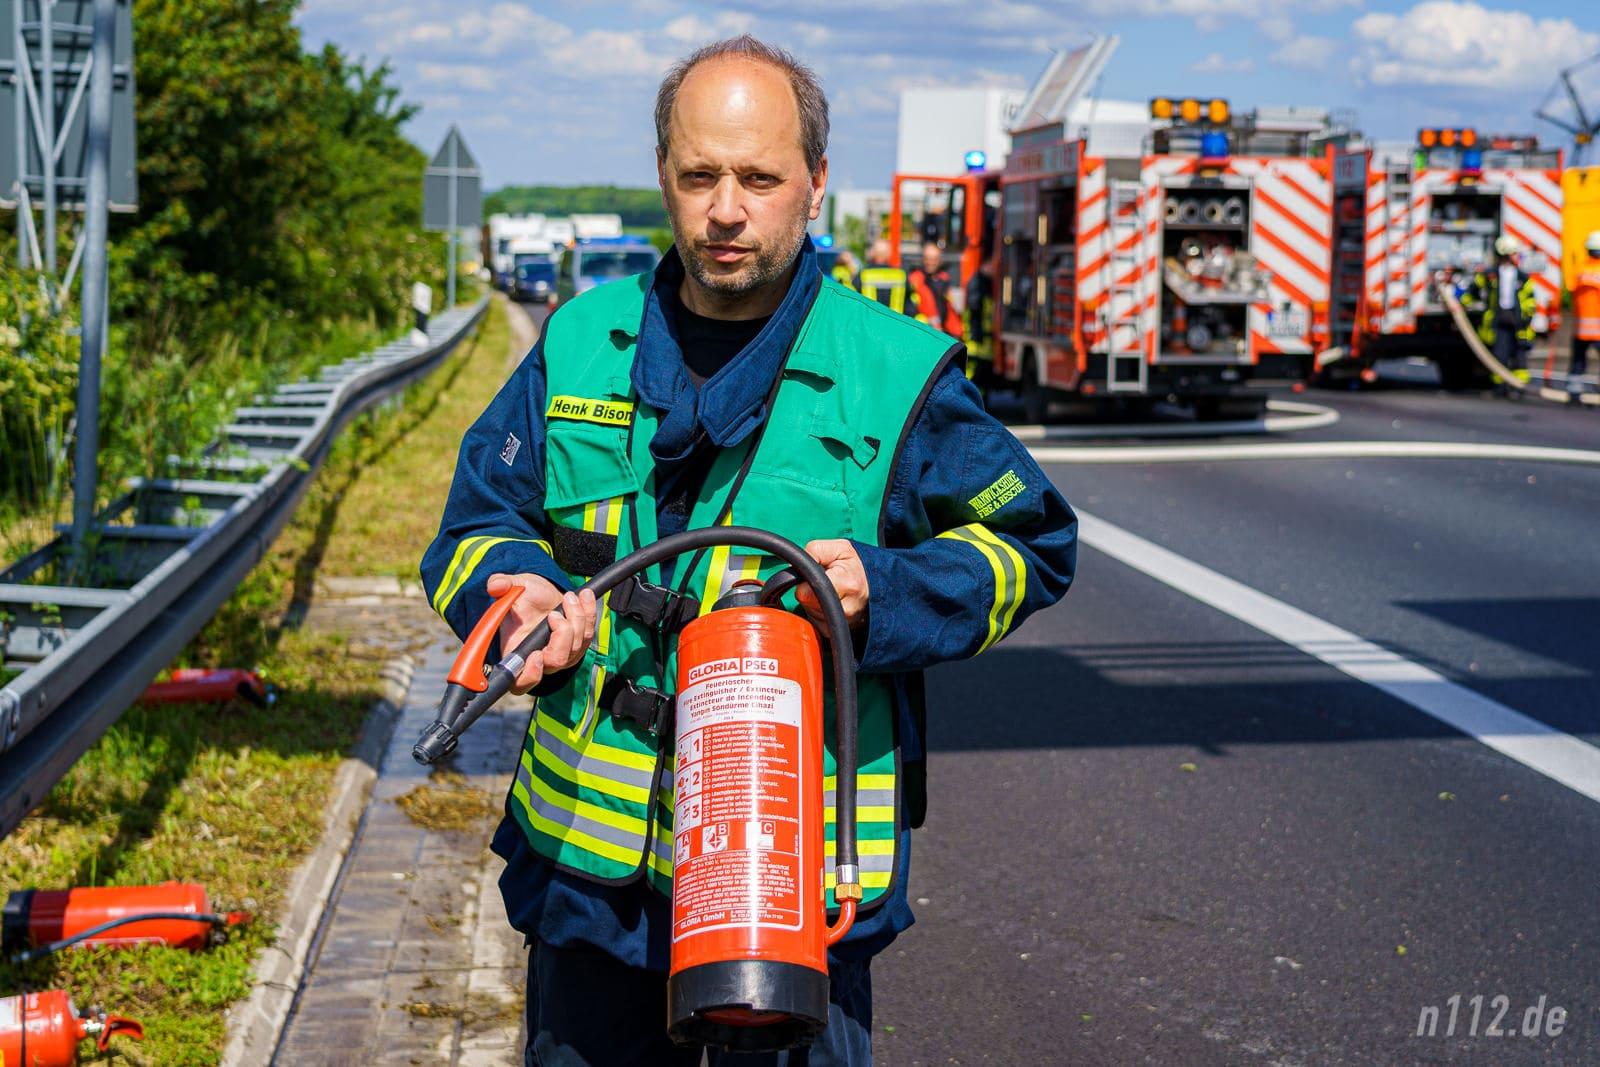 Pressesprecher Henk Bison zeigt einen Feuerlöscher, den LKW an Bord haben. Doch auch schon kleine Feuerlöscher für 30-40 Euro können ein Leben retten! (Foto: n112.de/Stefan Simonsen)